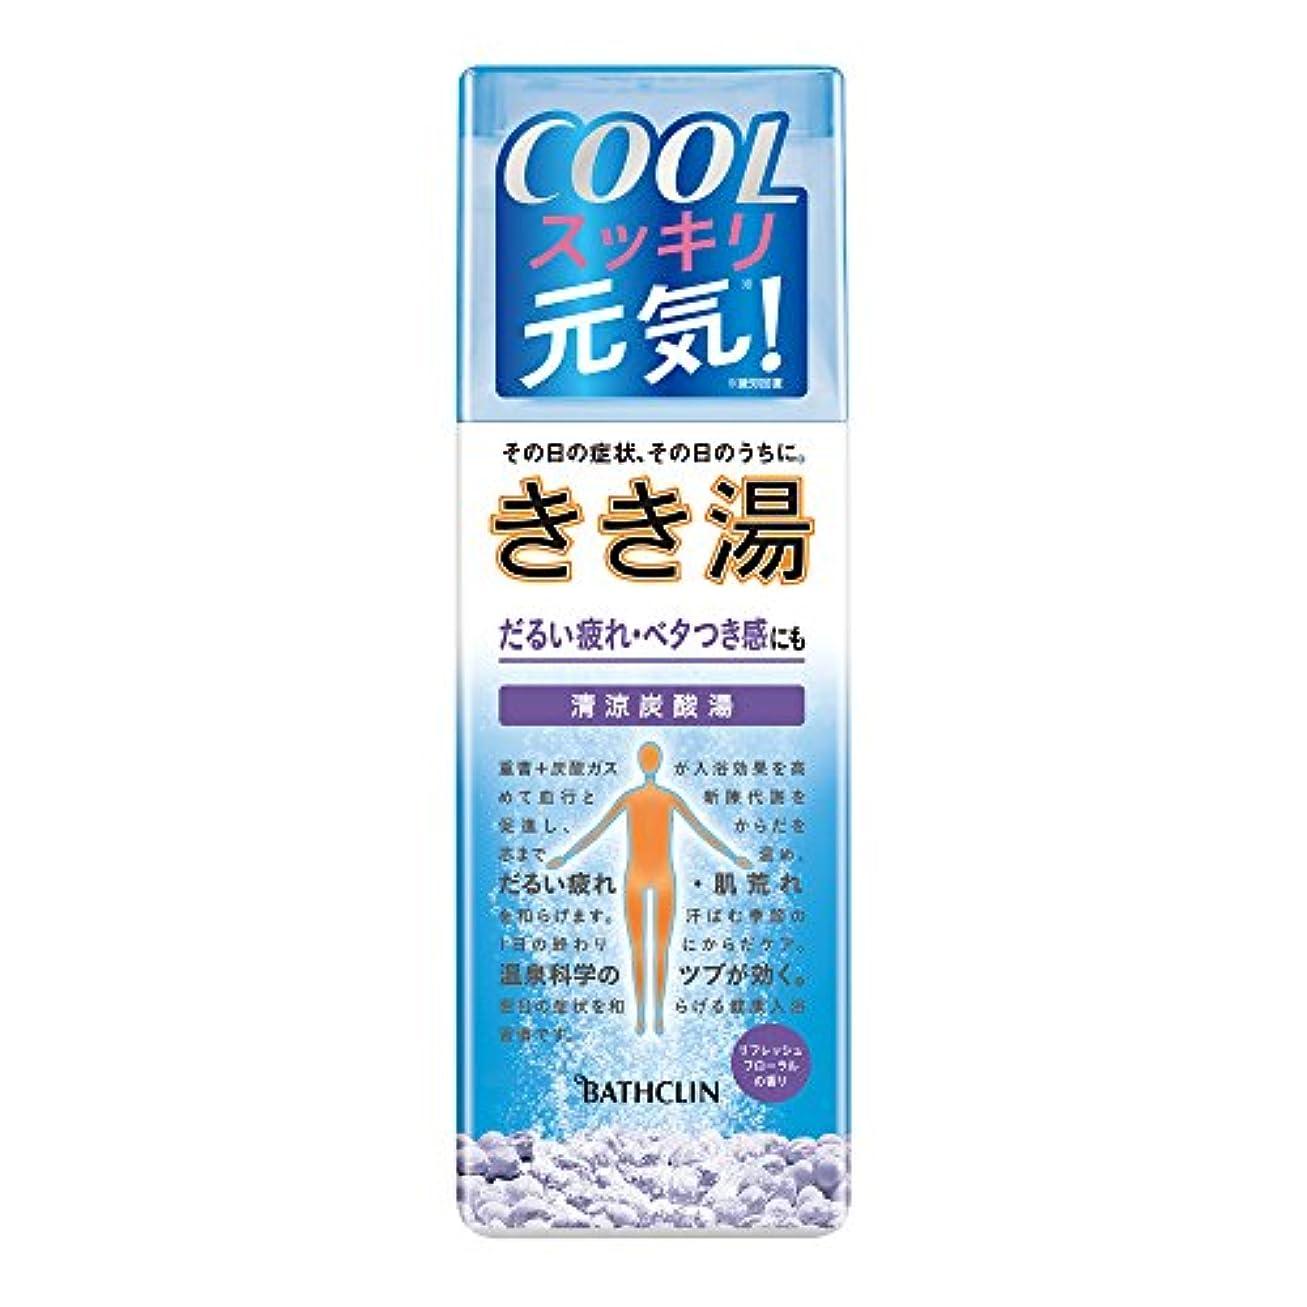 矢深さ首相【医薬部外品】きき湯清涼炭酸湯リフレッシュフローラルの香り 360gマリンブルーの湯透明タイプ 入浴剤